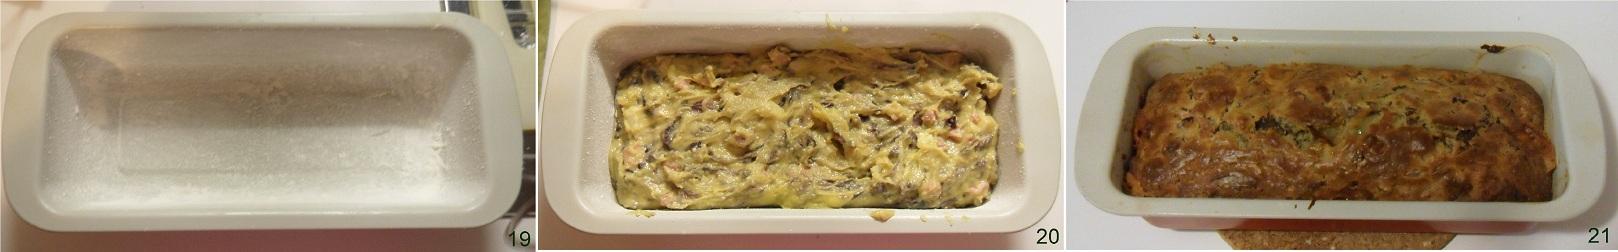 Plum cake salato con pancetta e radicchio ricetta antipasto il chicco di mais 7